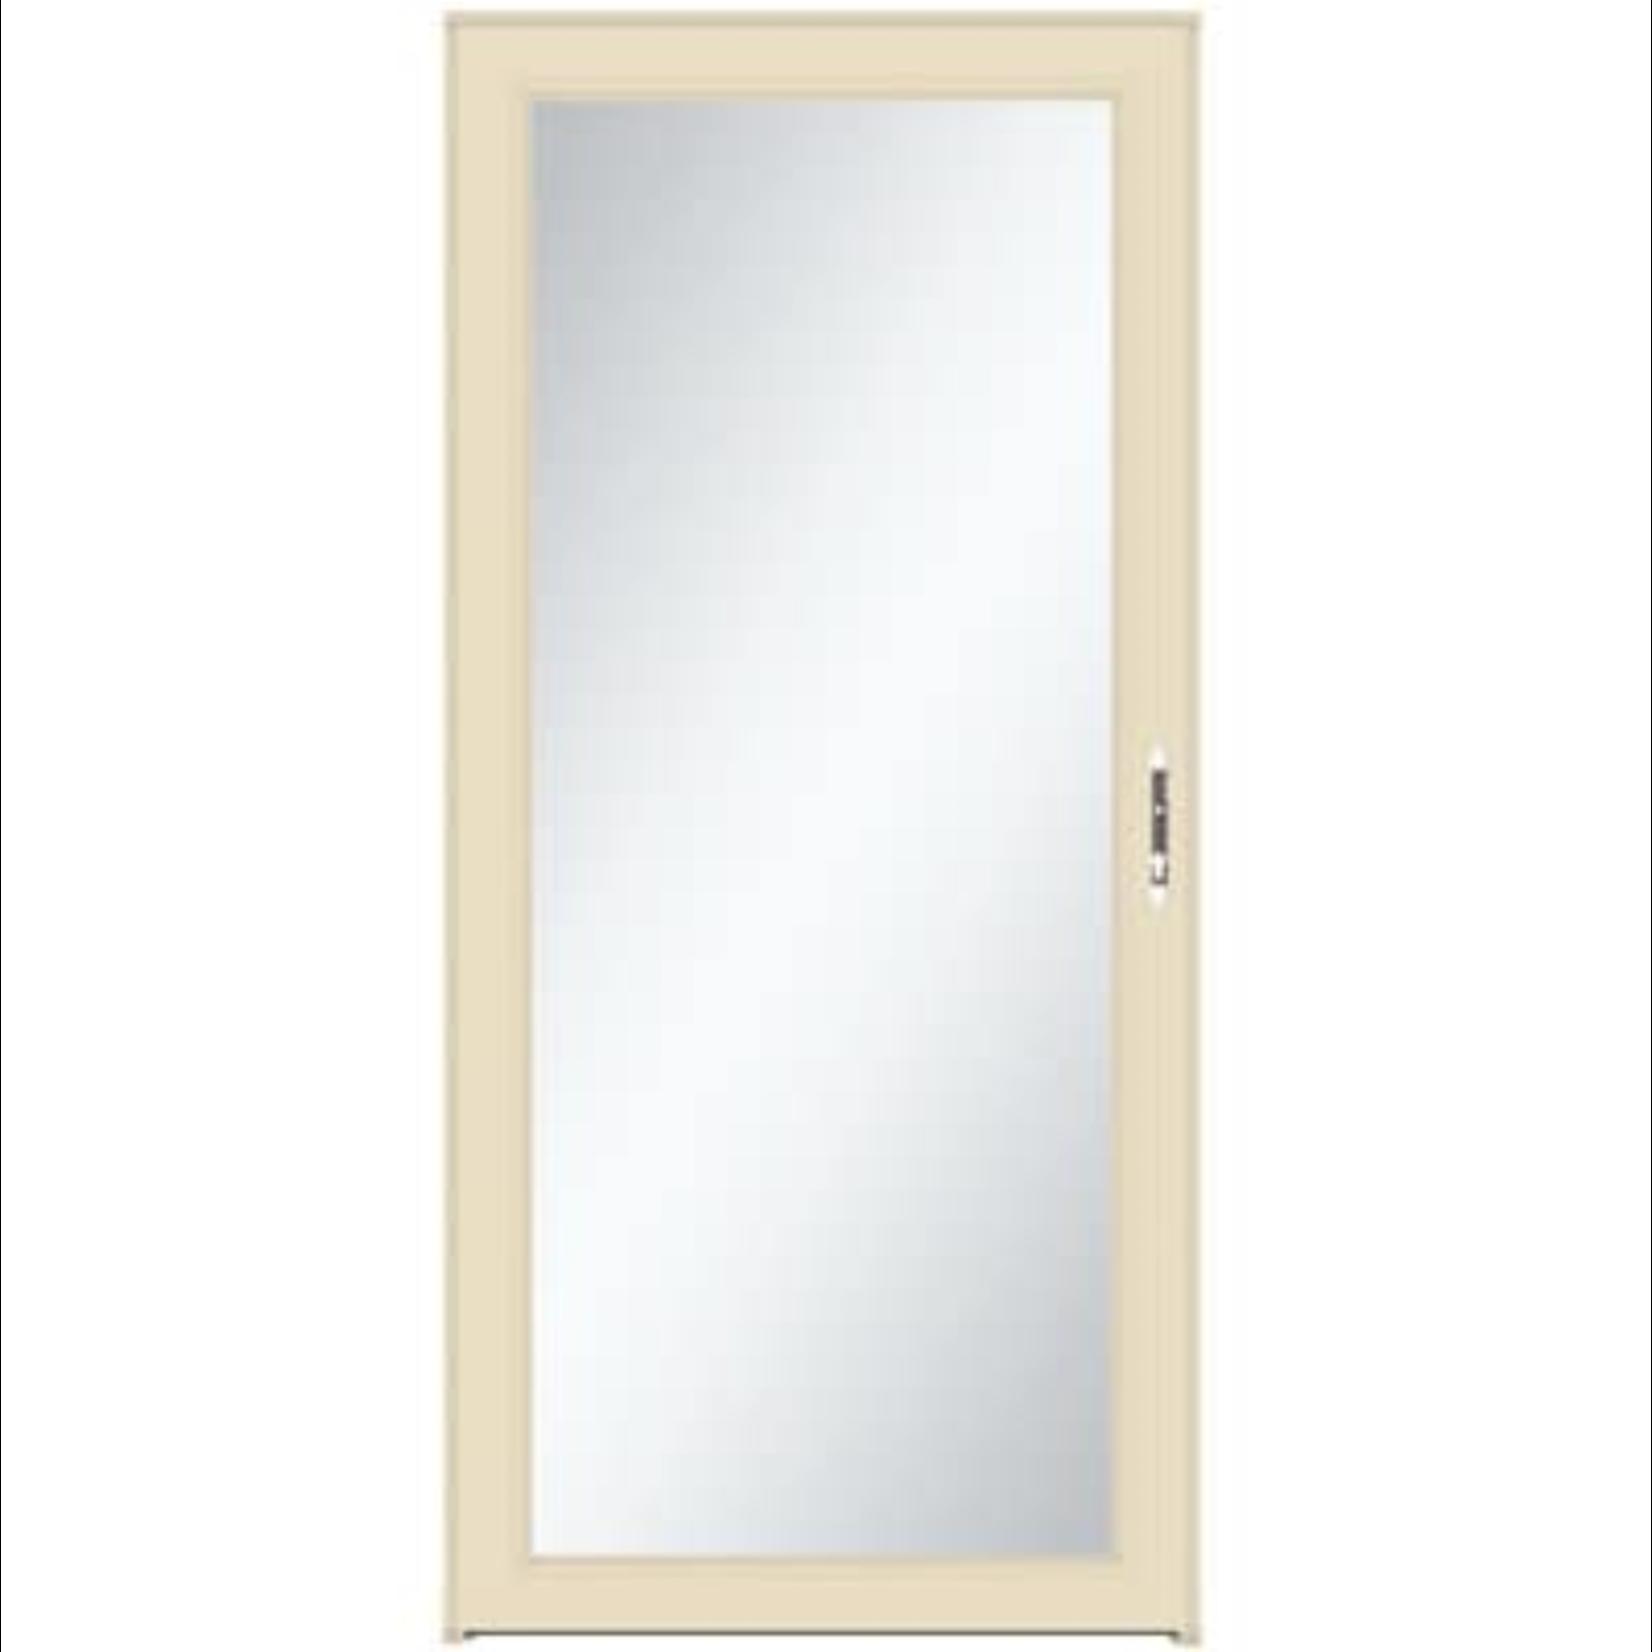 10354 Larson Signature Classic Full-View Aluminum Storm Door